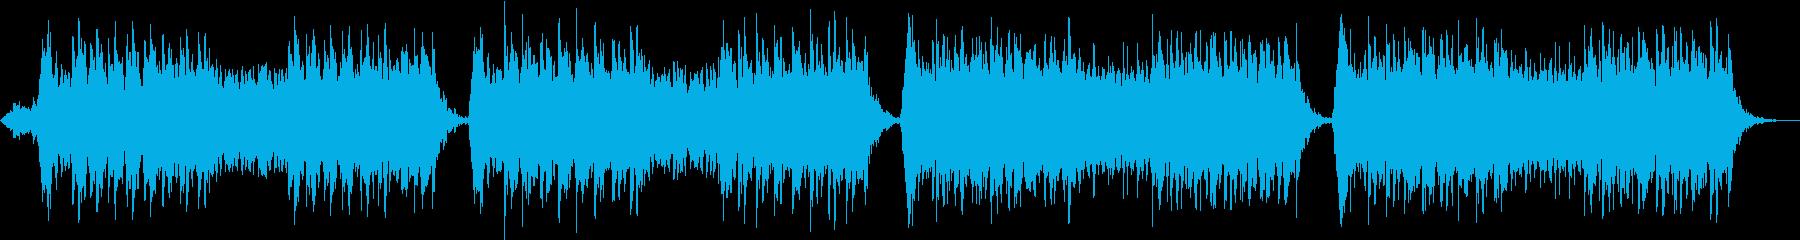 安らぎ音楽に乗せた軽快なメロディの再生済みの波形